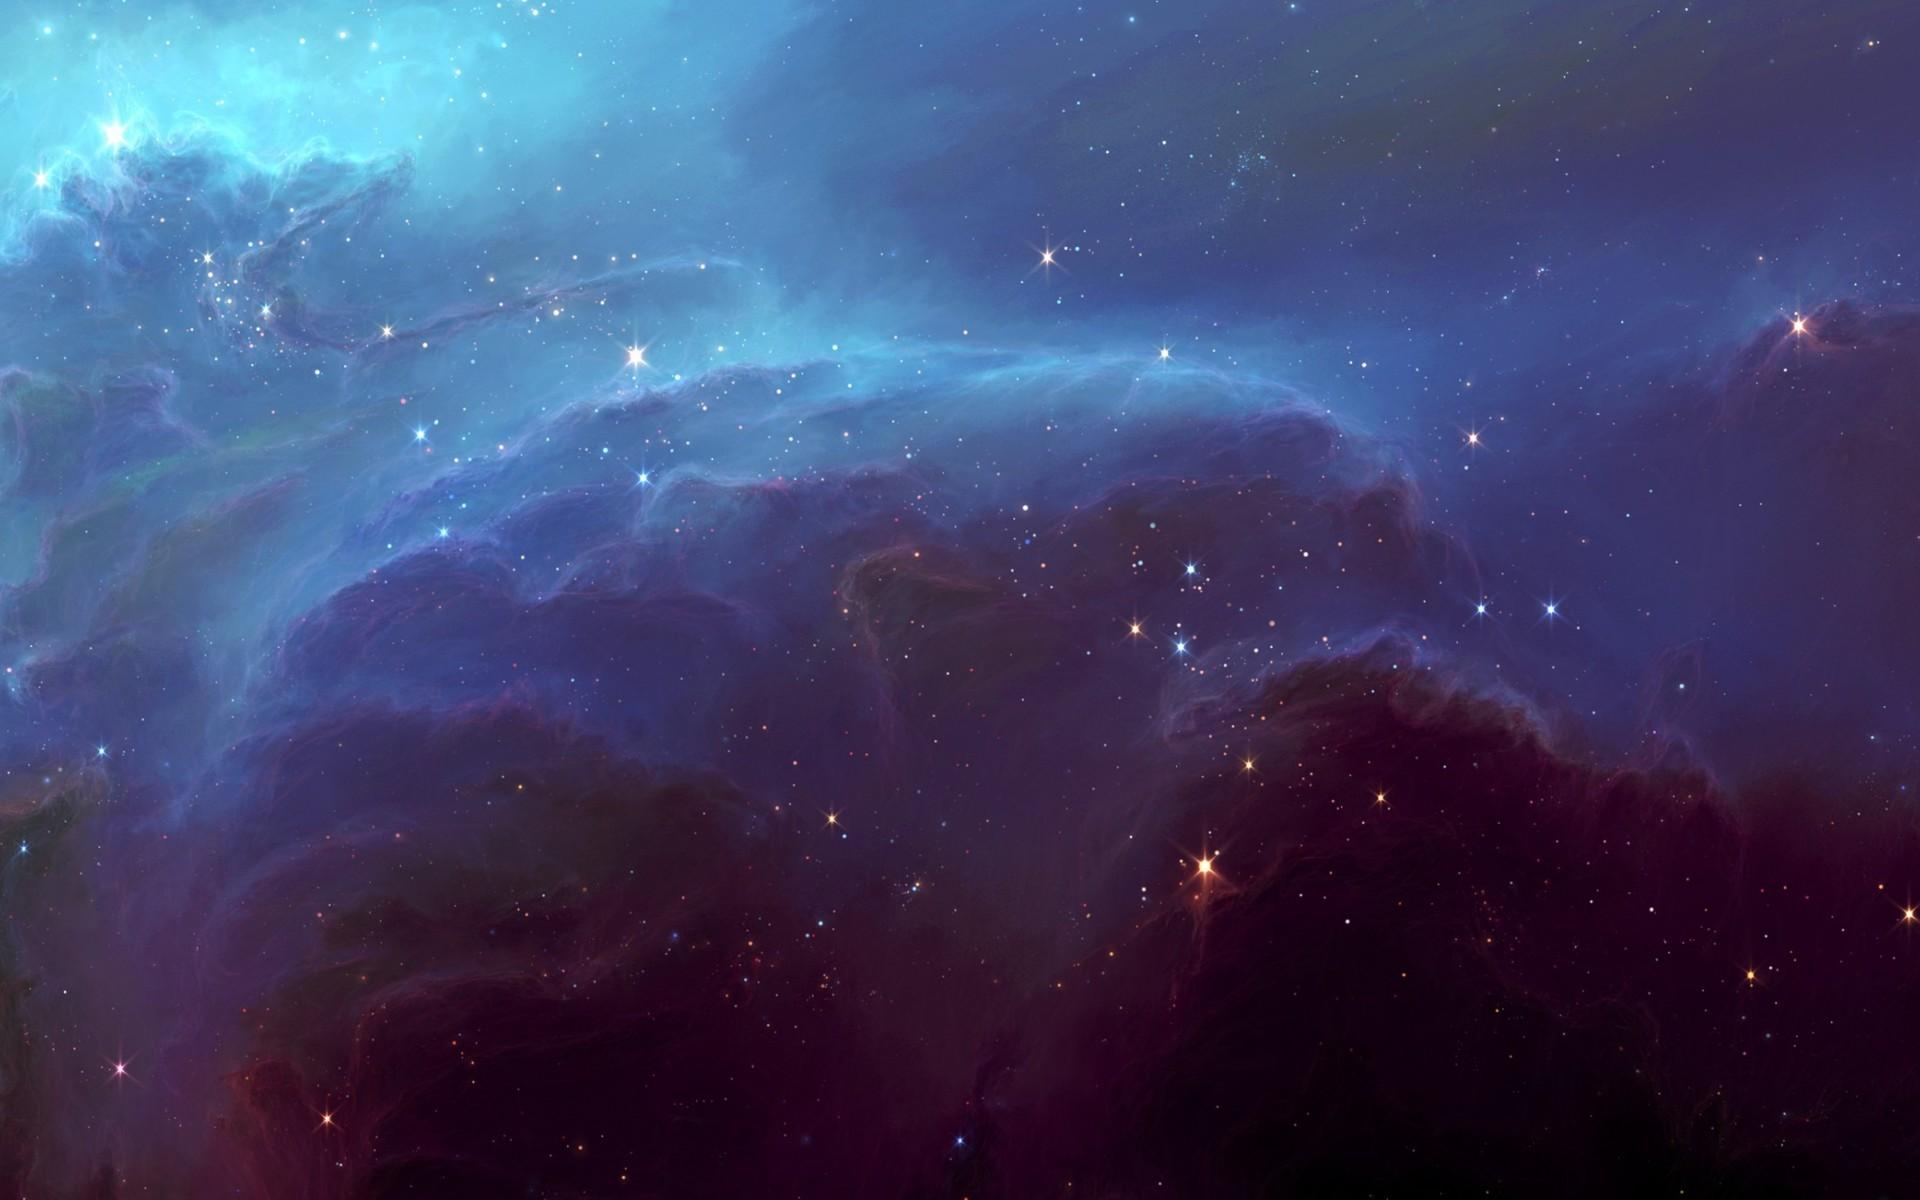 Космос красивые картинки и арты. Подборка ярких изображений 1